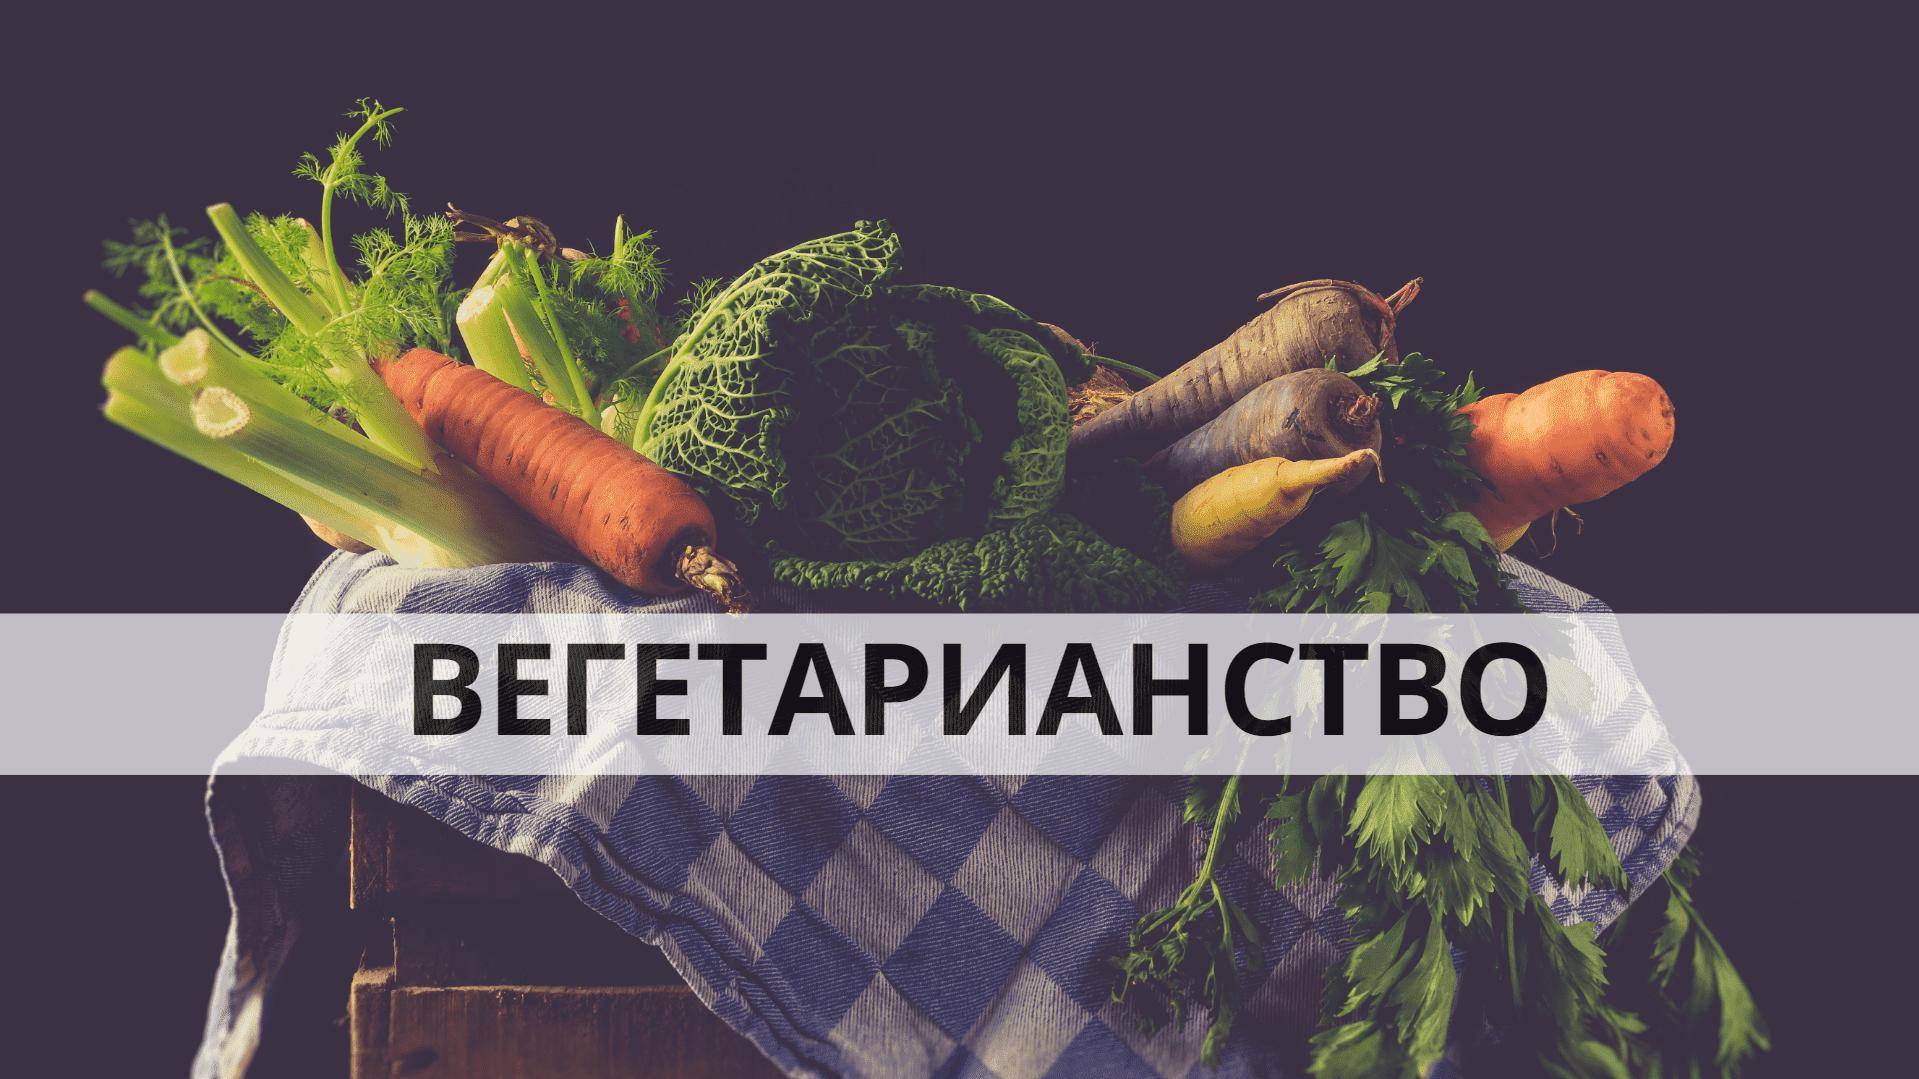 Вегетарианство: разновидности, вред + таблица продуктов